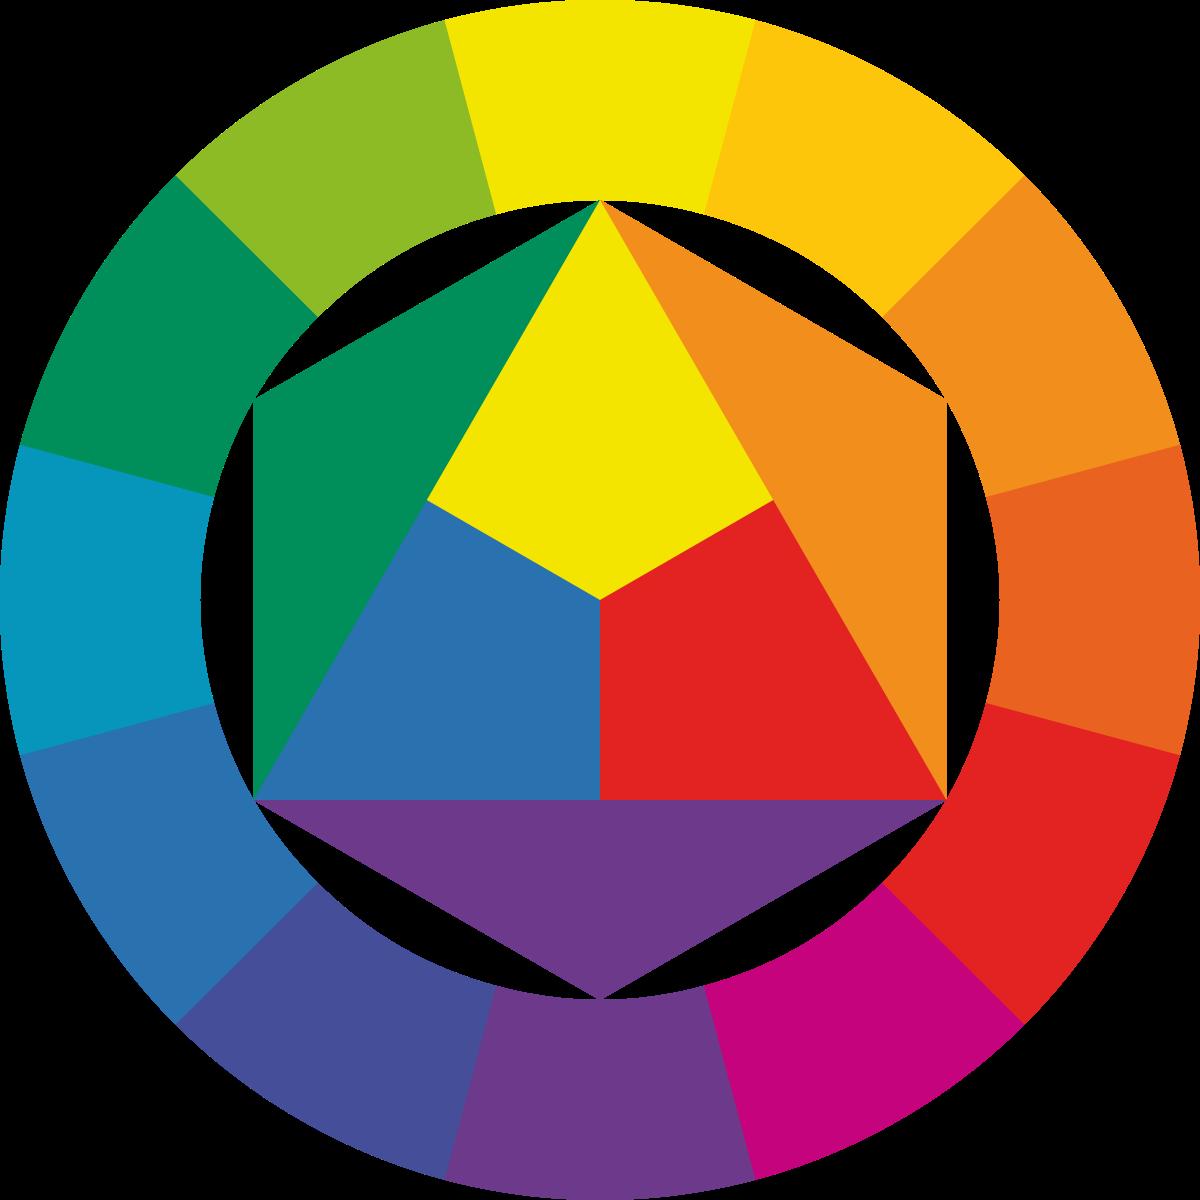 الألوان الاساسية والفرعية